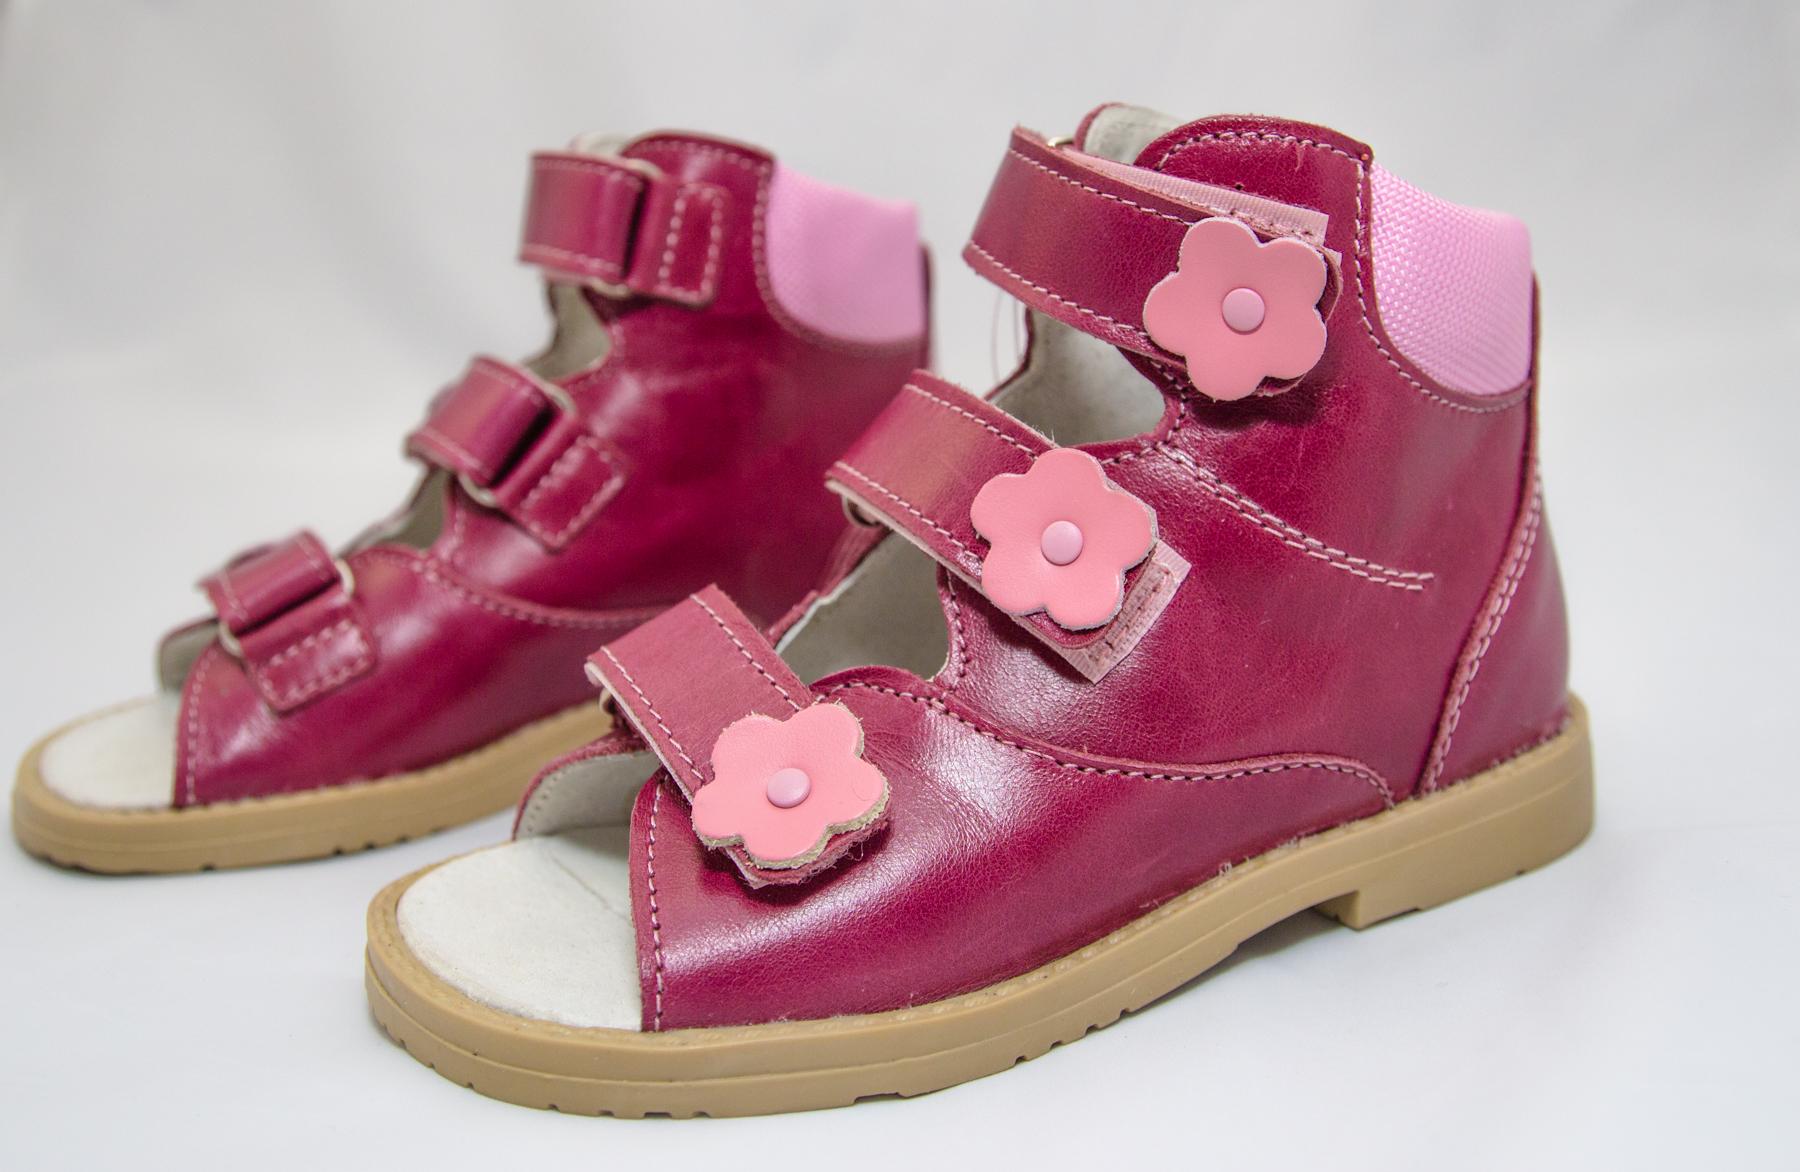 7a4105a3f54 Ortopeedilised laste jalanõud kõrge kannaosaga T01 - Invaabi